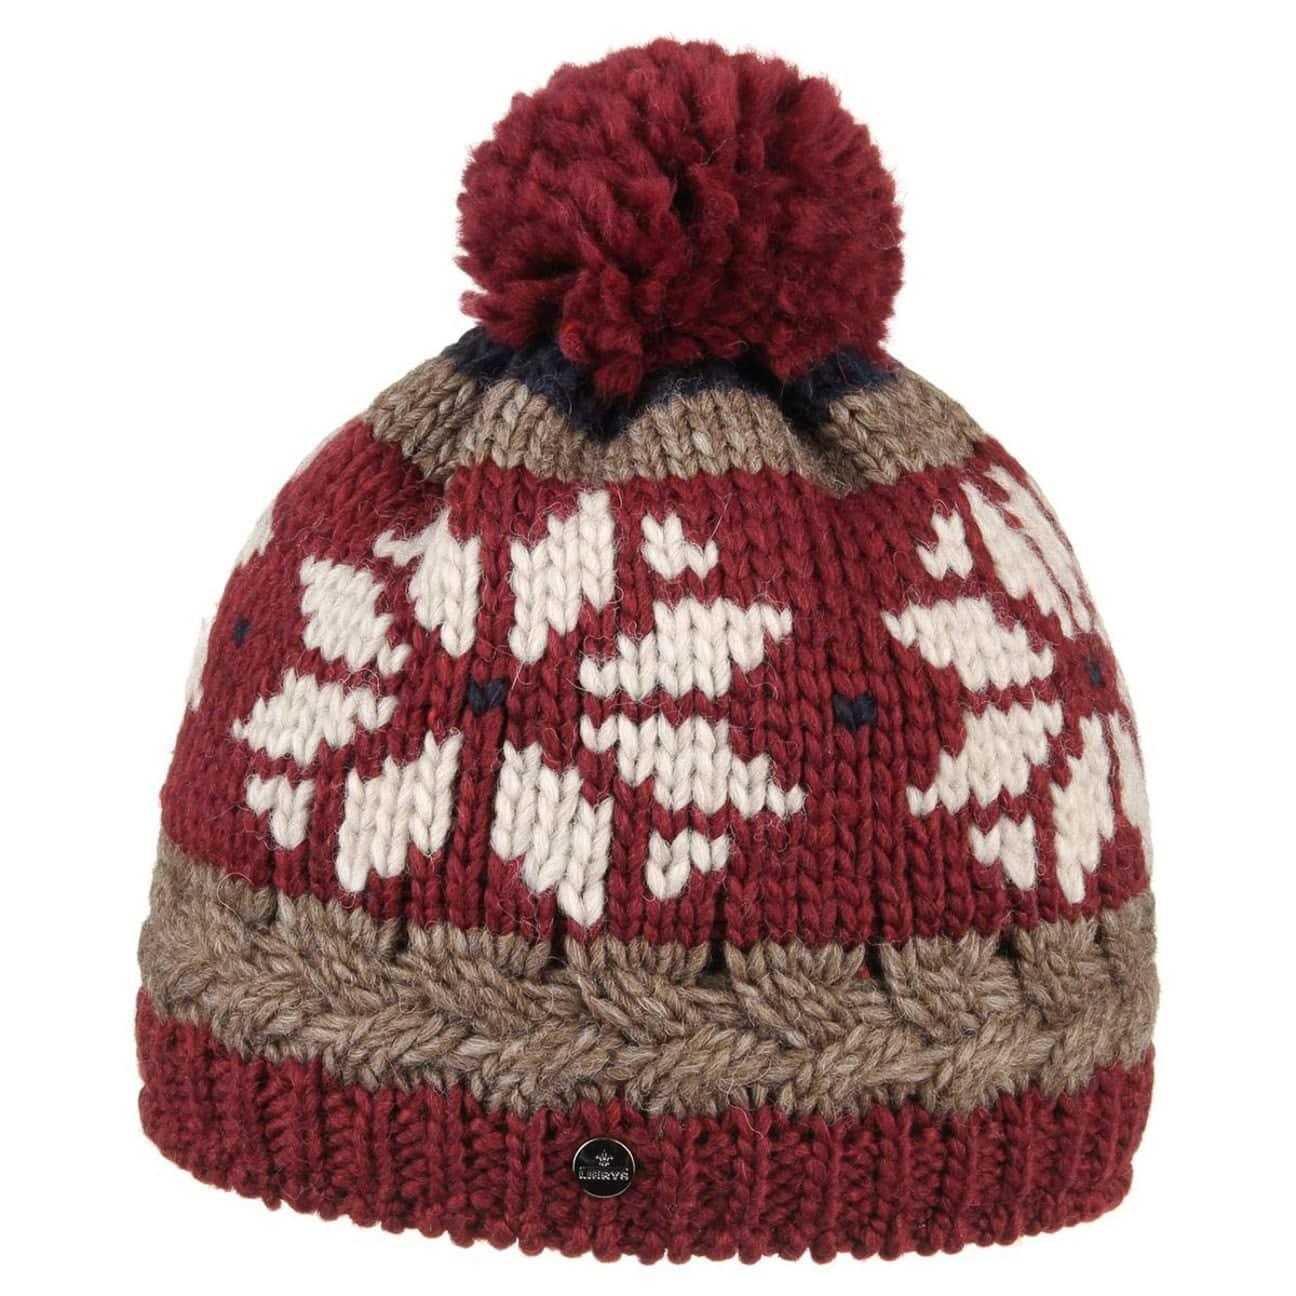 Bonnet pompon snowflake by lierys 39 95 - Chez pompon bordeaux ...